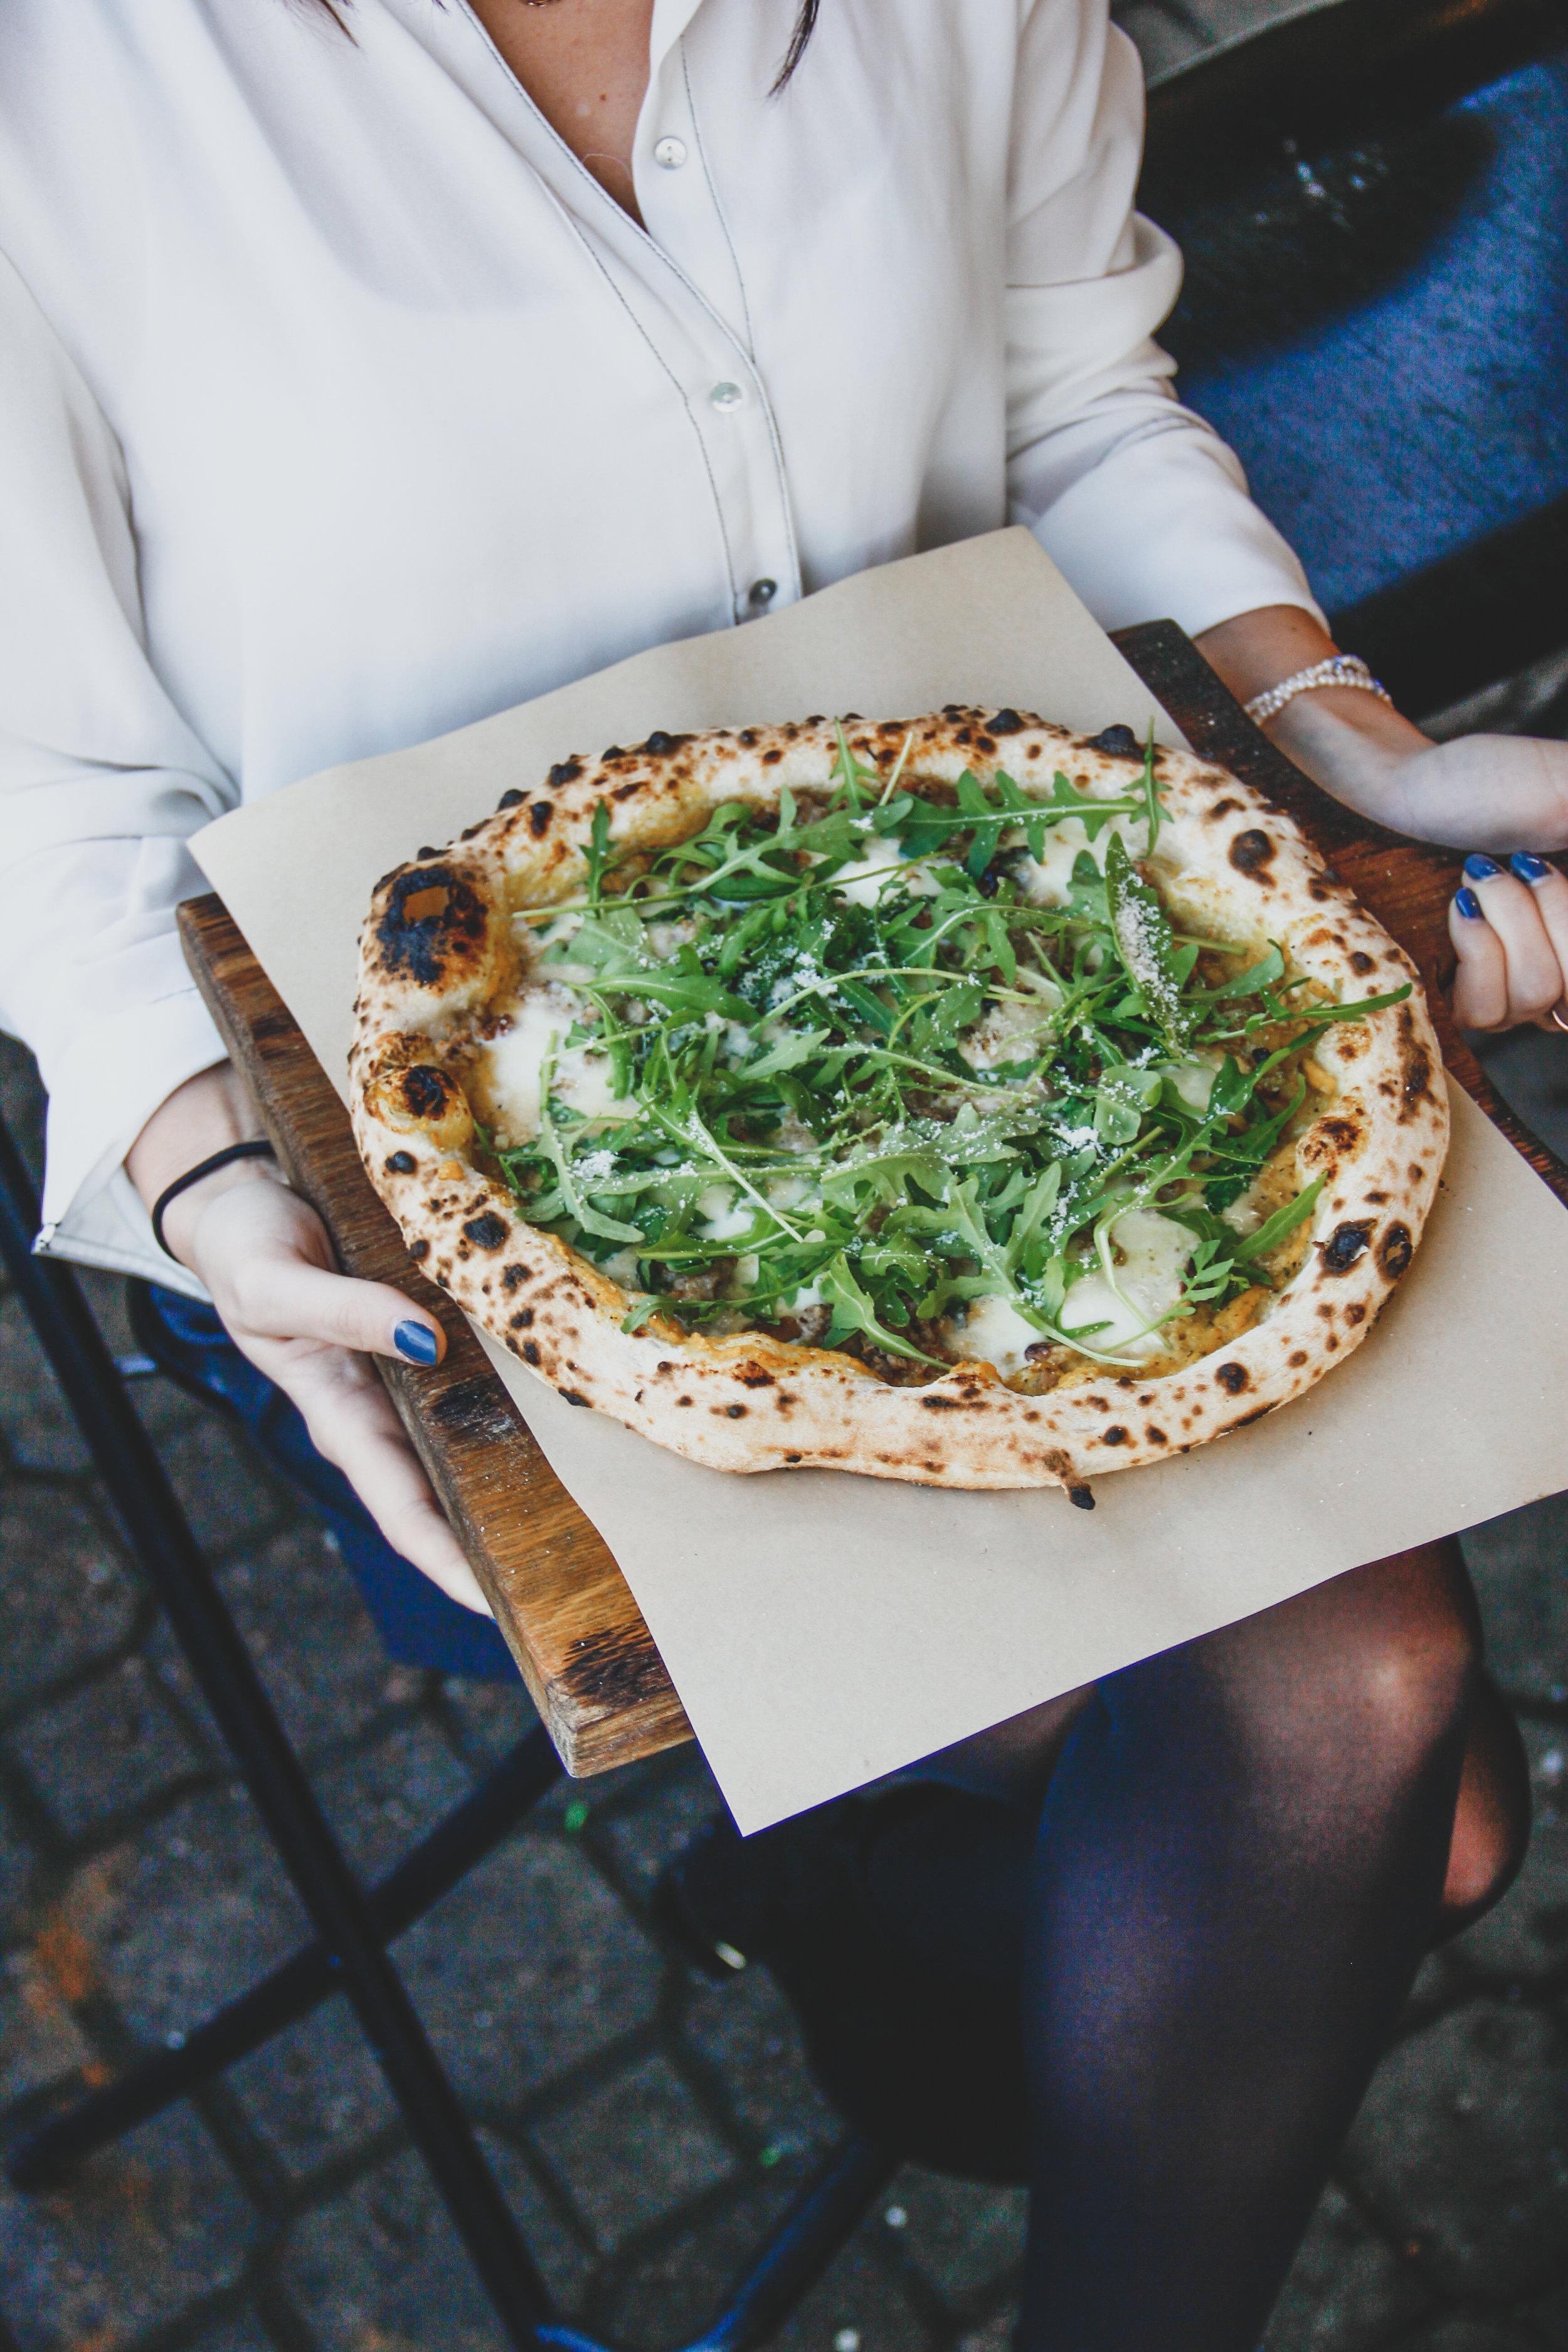 Aurora 10 €   Kõrvitsakreem, fior di latte juust, Gorgonzola juust, sealihavorst, kreeka pähklid, rukola, Parma juust, oliiviõli, sidrunikoor   On vaja lihtsalt läbi lugeda selle pitsa komponentide list, et aru saada, et tegemist ei ole mingi basic pitsaga.